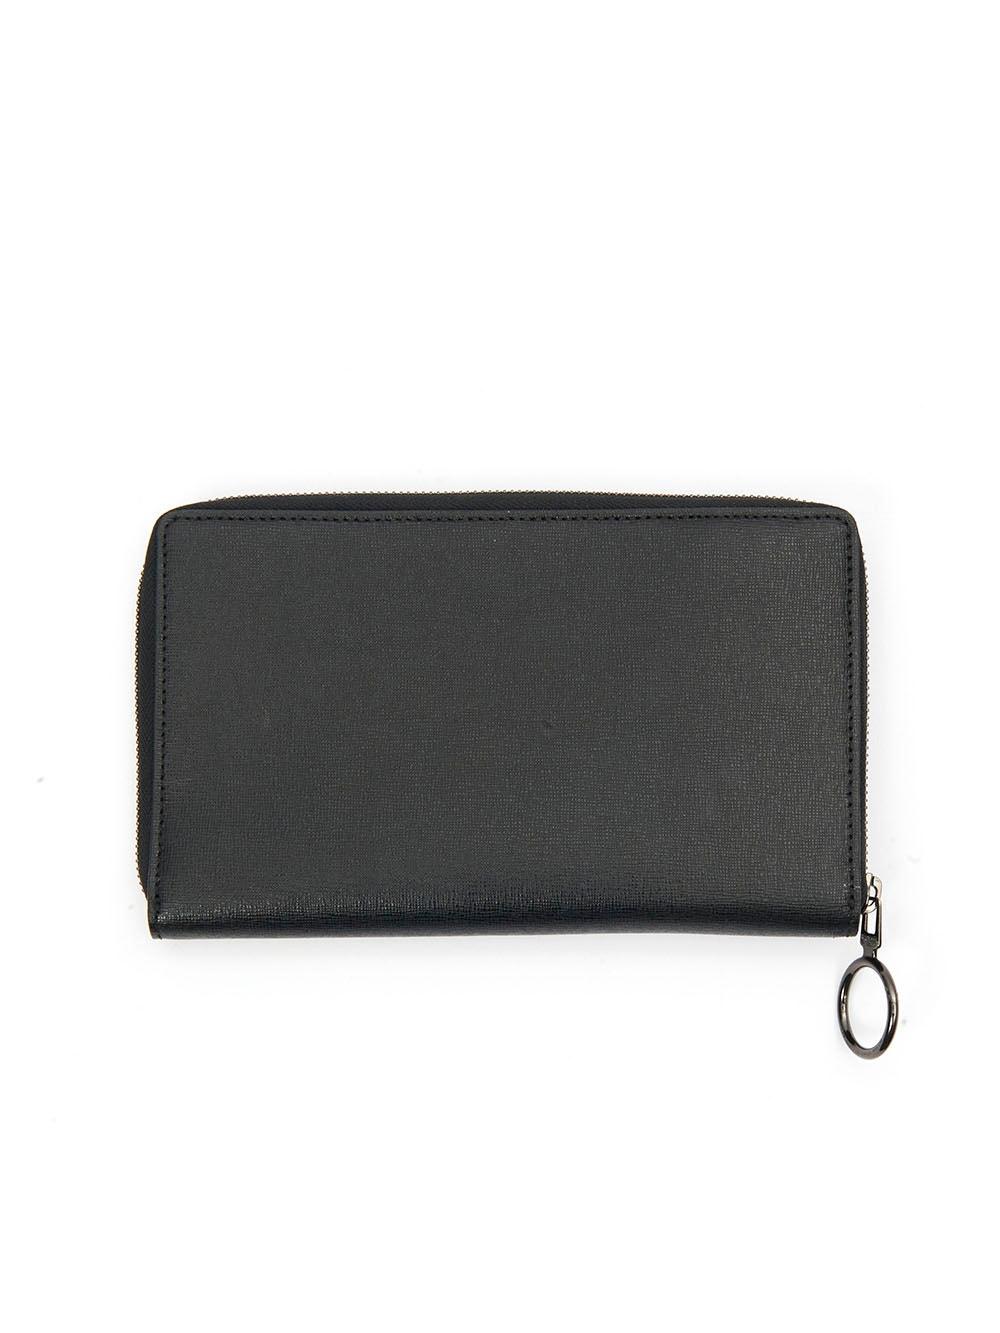 Women/'s Leather Tie Dye Print Clutch Zip Around Wallet Credit Card Holder